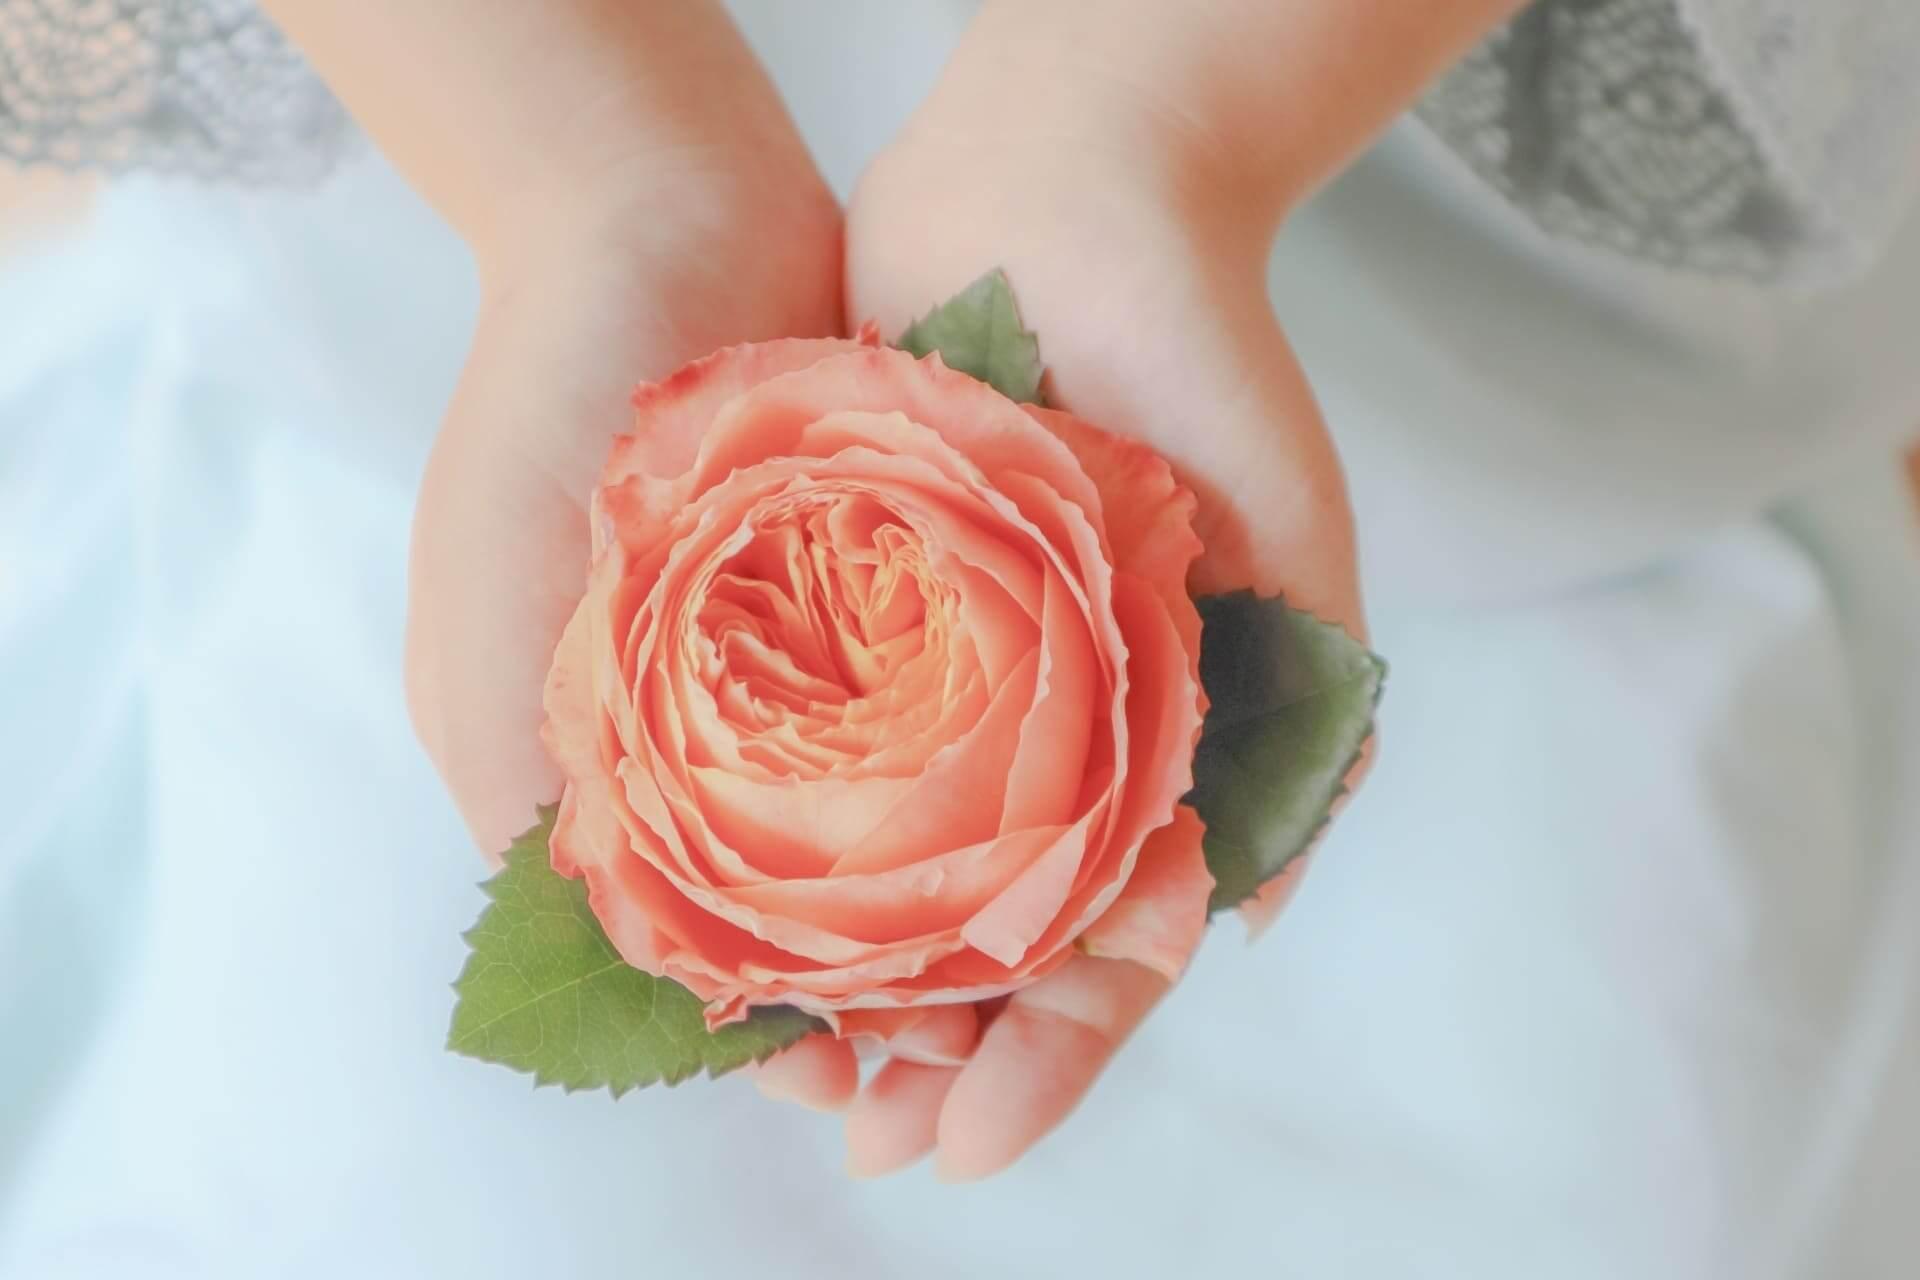 水晶玉子の片思い占い|恋人いるあの人…でも結ばれたい!成就の可能性はある?